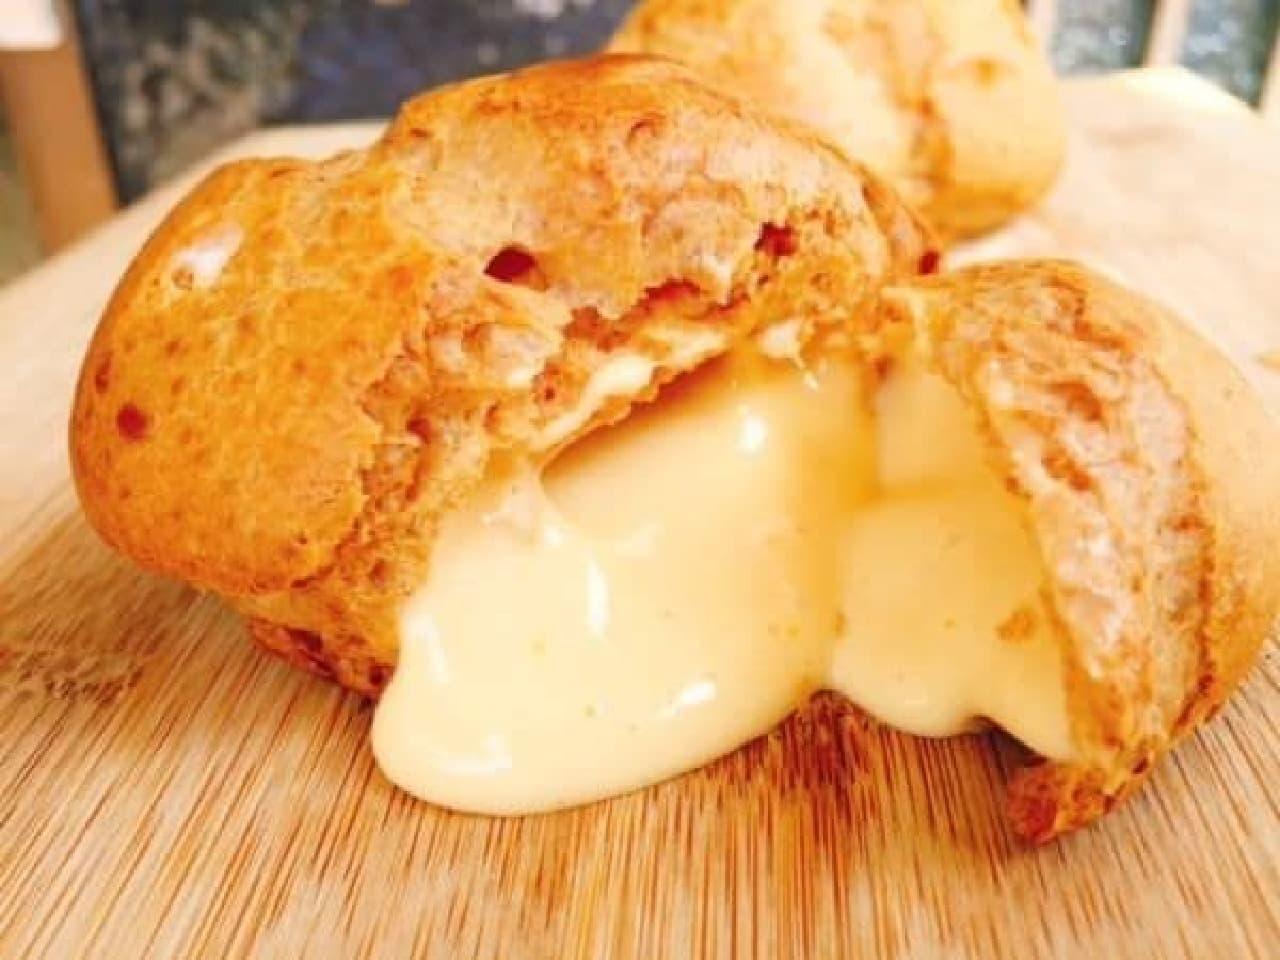 幻のはちみつシュークリームは、ローザンヌオリジナルブレンドの蜂蜜をたっぷり使用したスイーツ